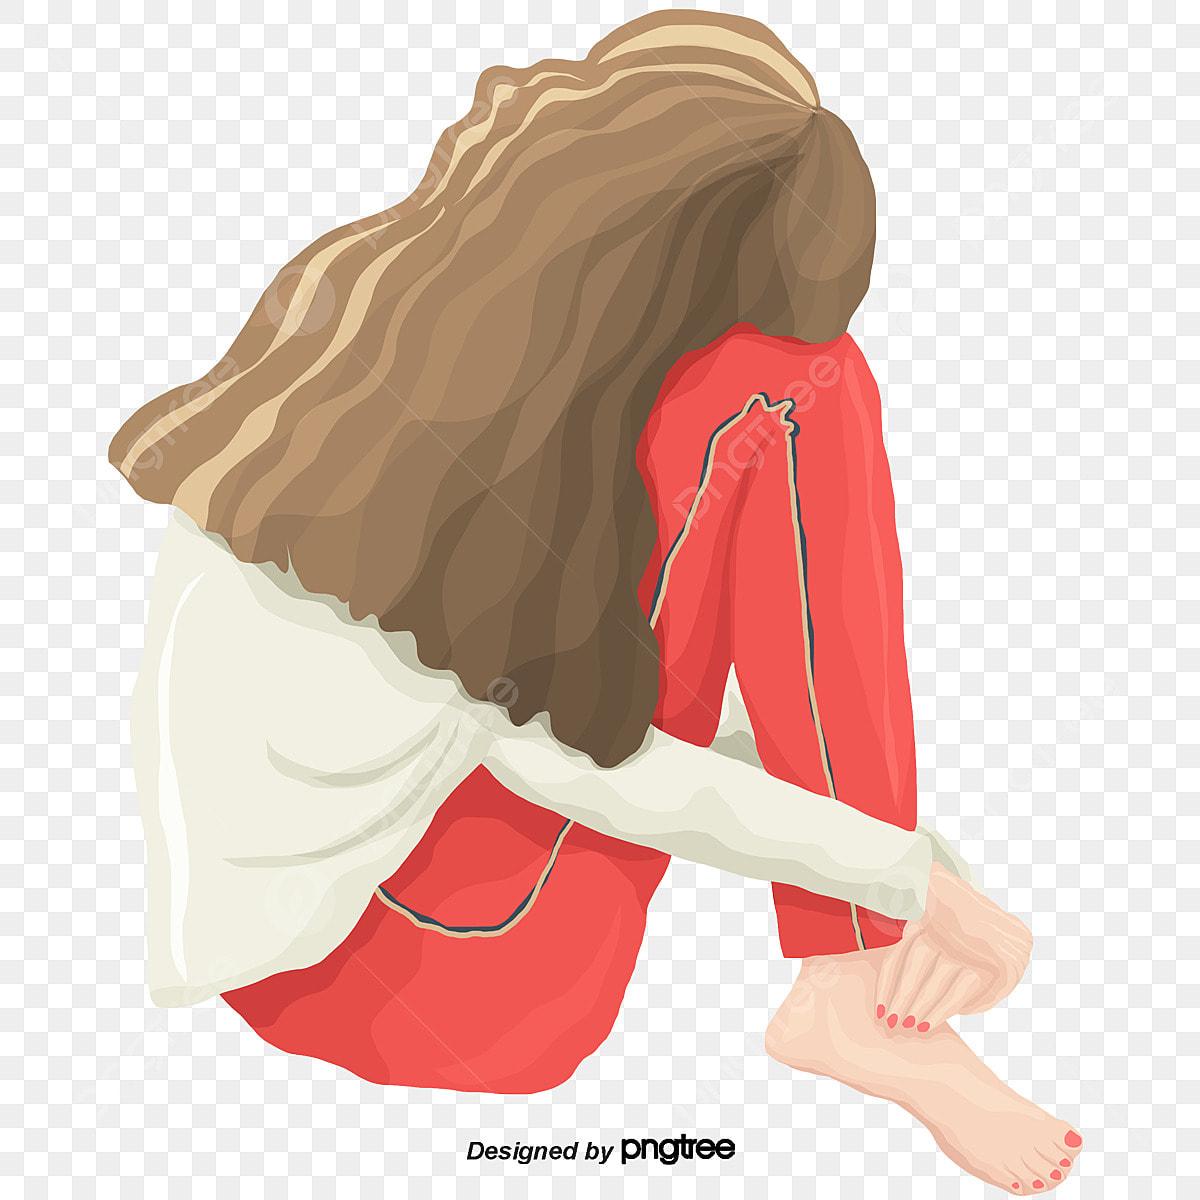 Gambar Gadis Kecil Yg Beredar Menangis Putus Menangis Mabuk Cinta Png Dan Psd Untuk Muat Turun Percuma